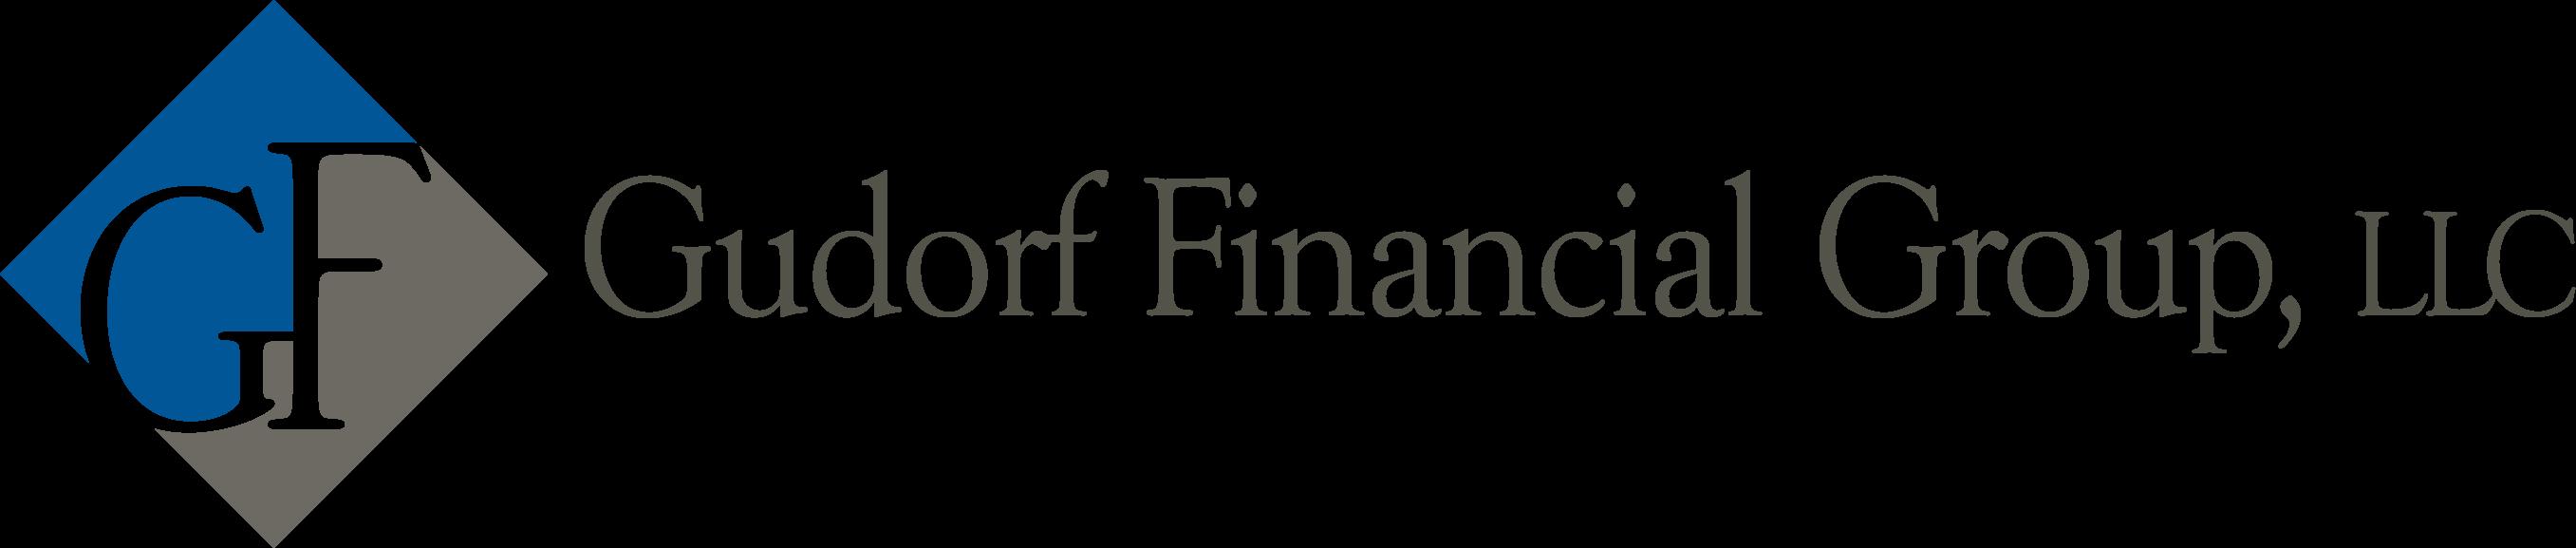 Gudorf Financial Group, LLC Dayton, OH Gudorf Financial Group, LLC